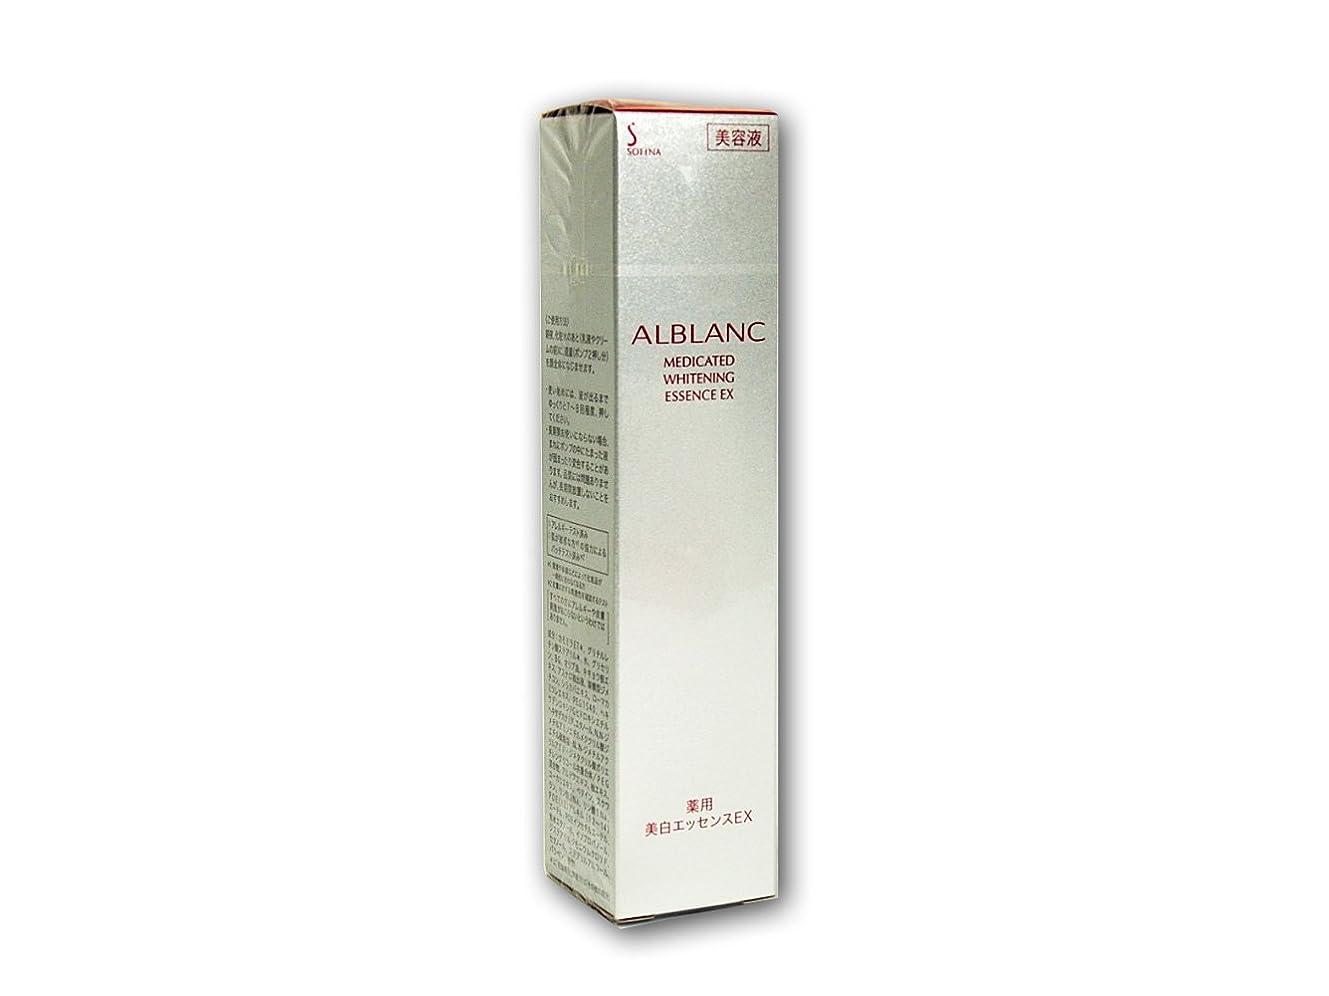 獲物それにもかかわらず噴水花王 ソフィーナ アルブラン 薬用美白エッセンスEX 40g